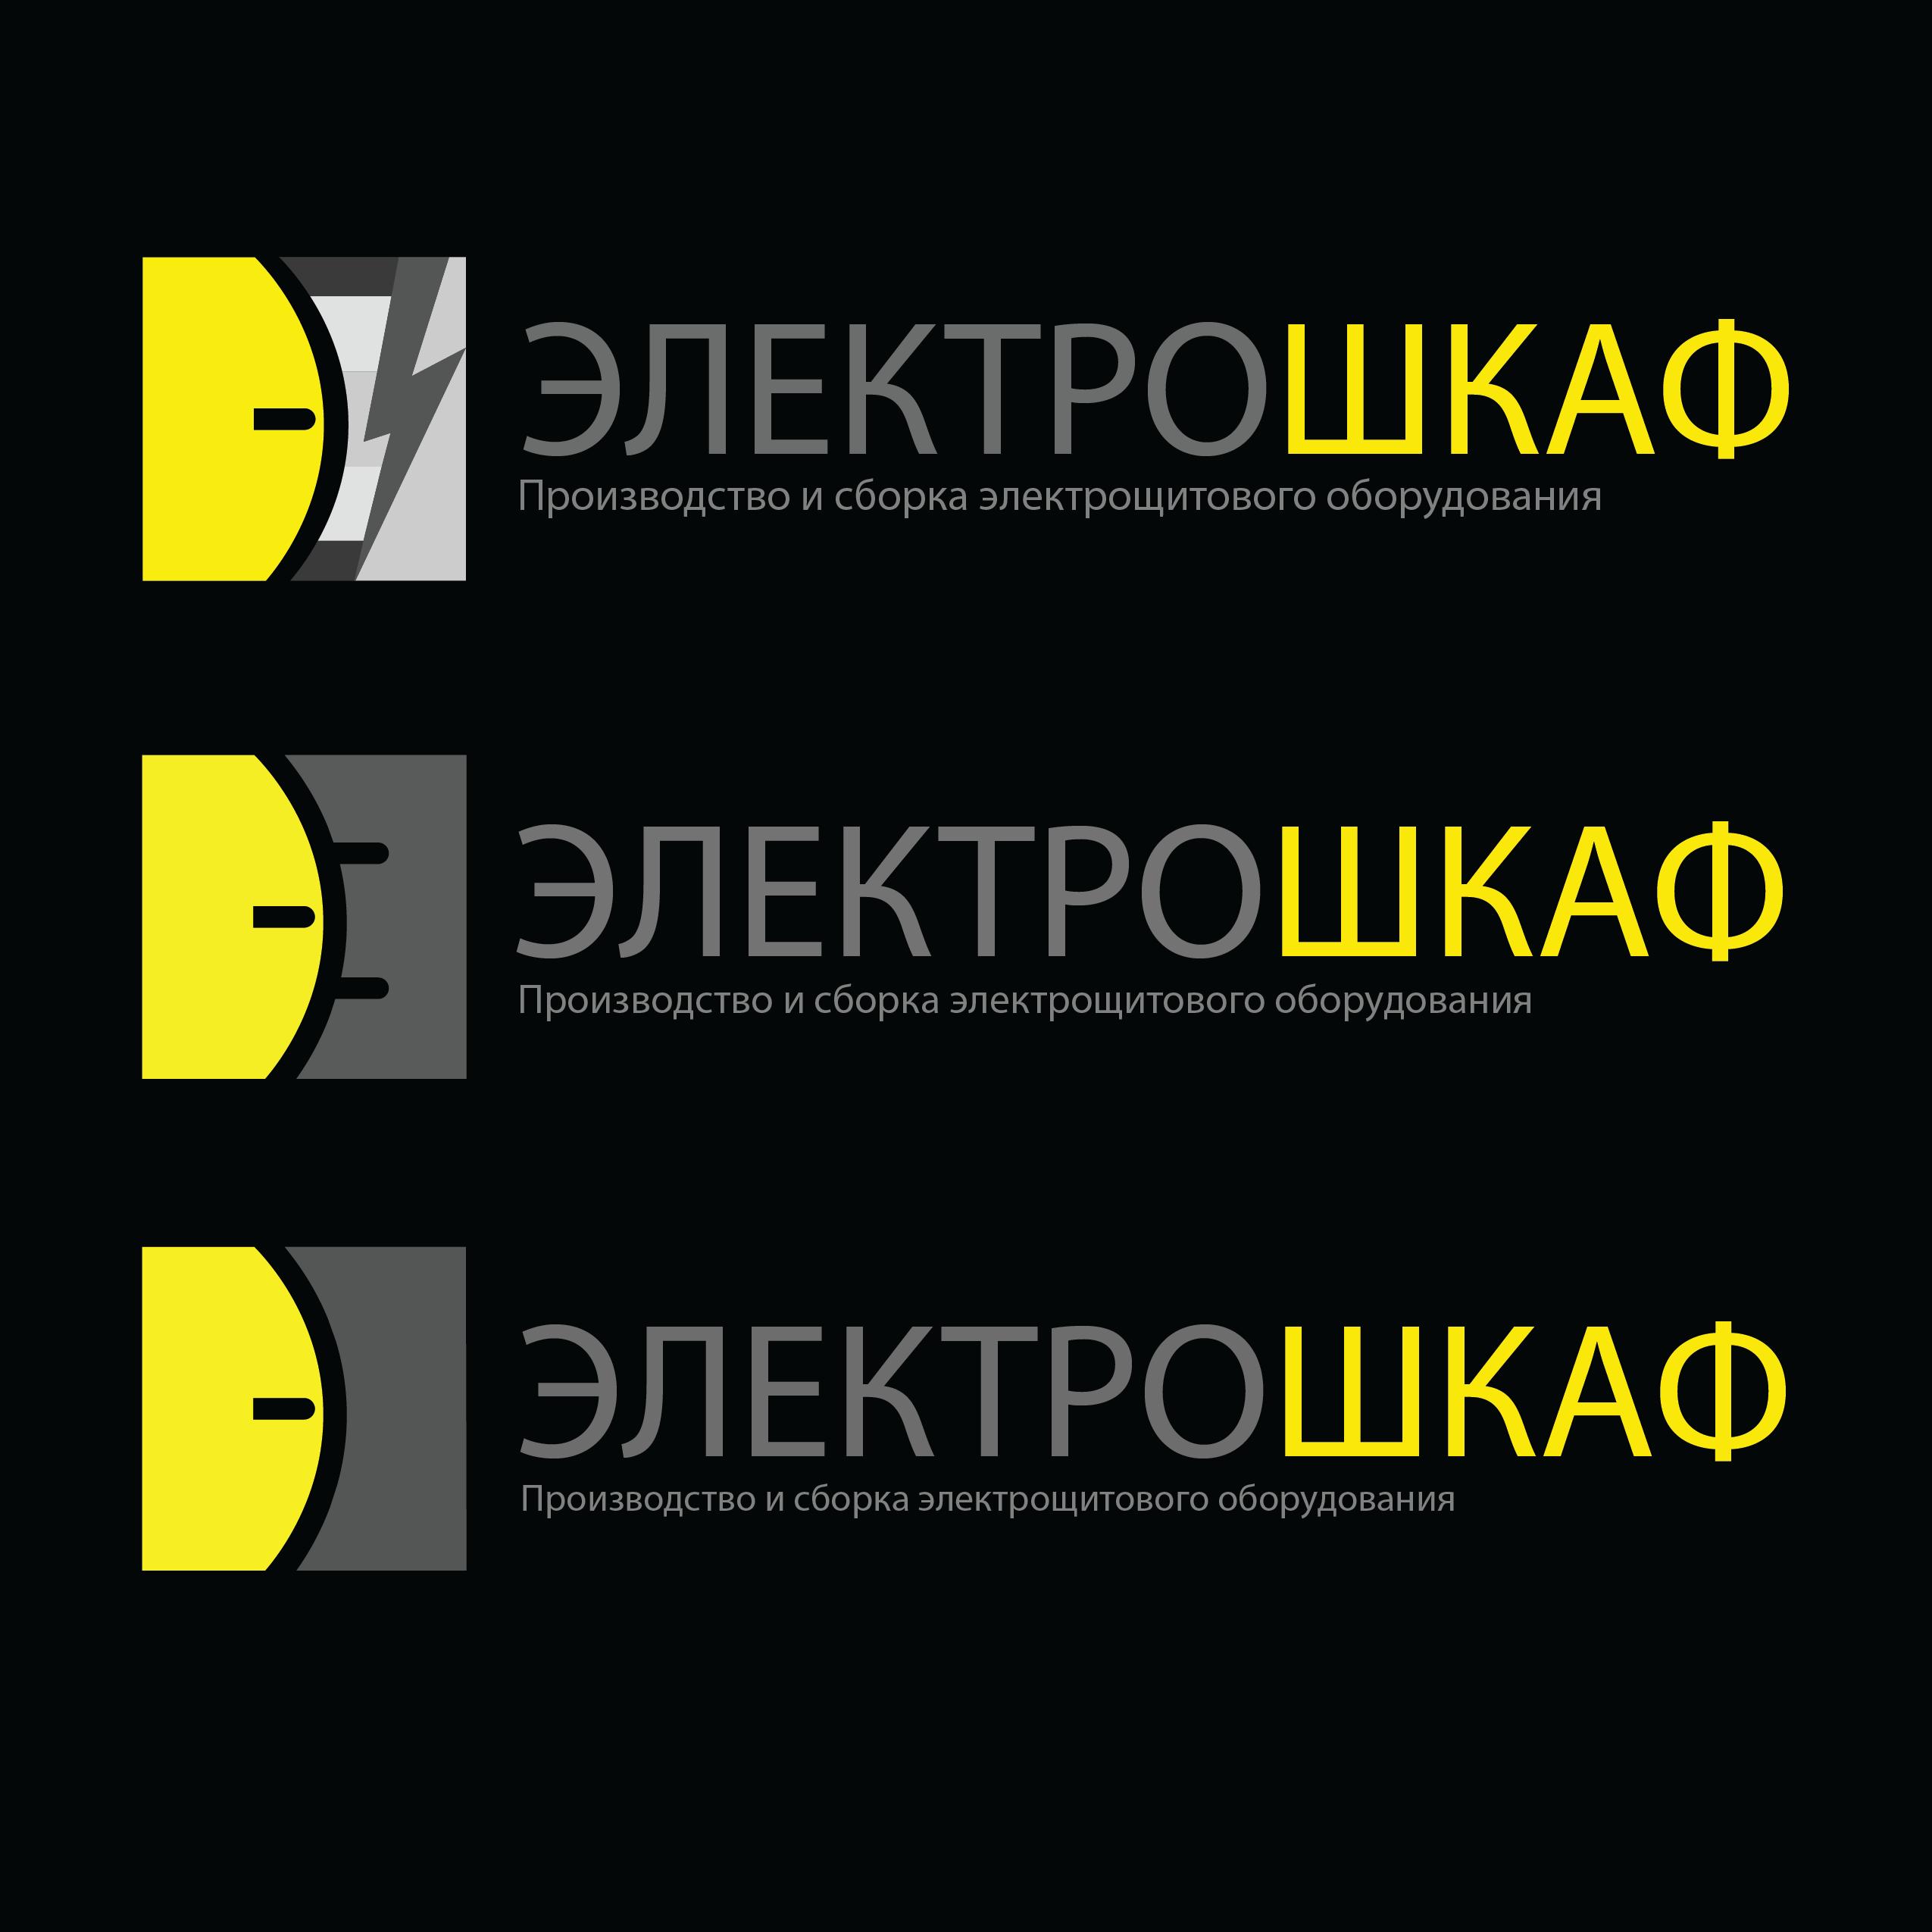 Разработать логотип для завода по производству электрощитов фото f_1795b70082c55334.png